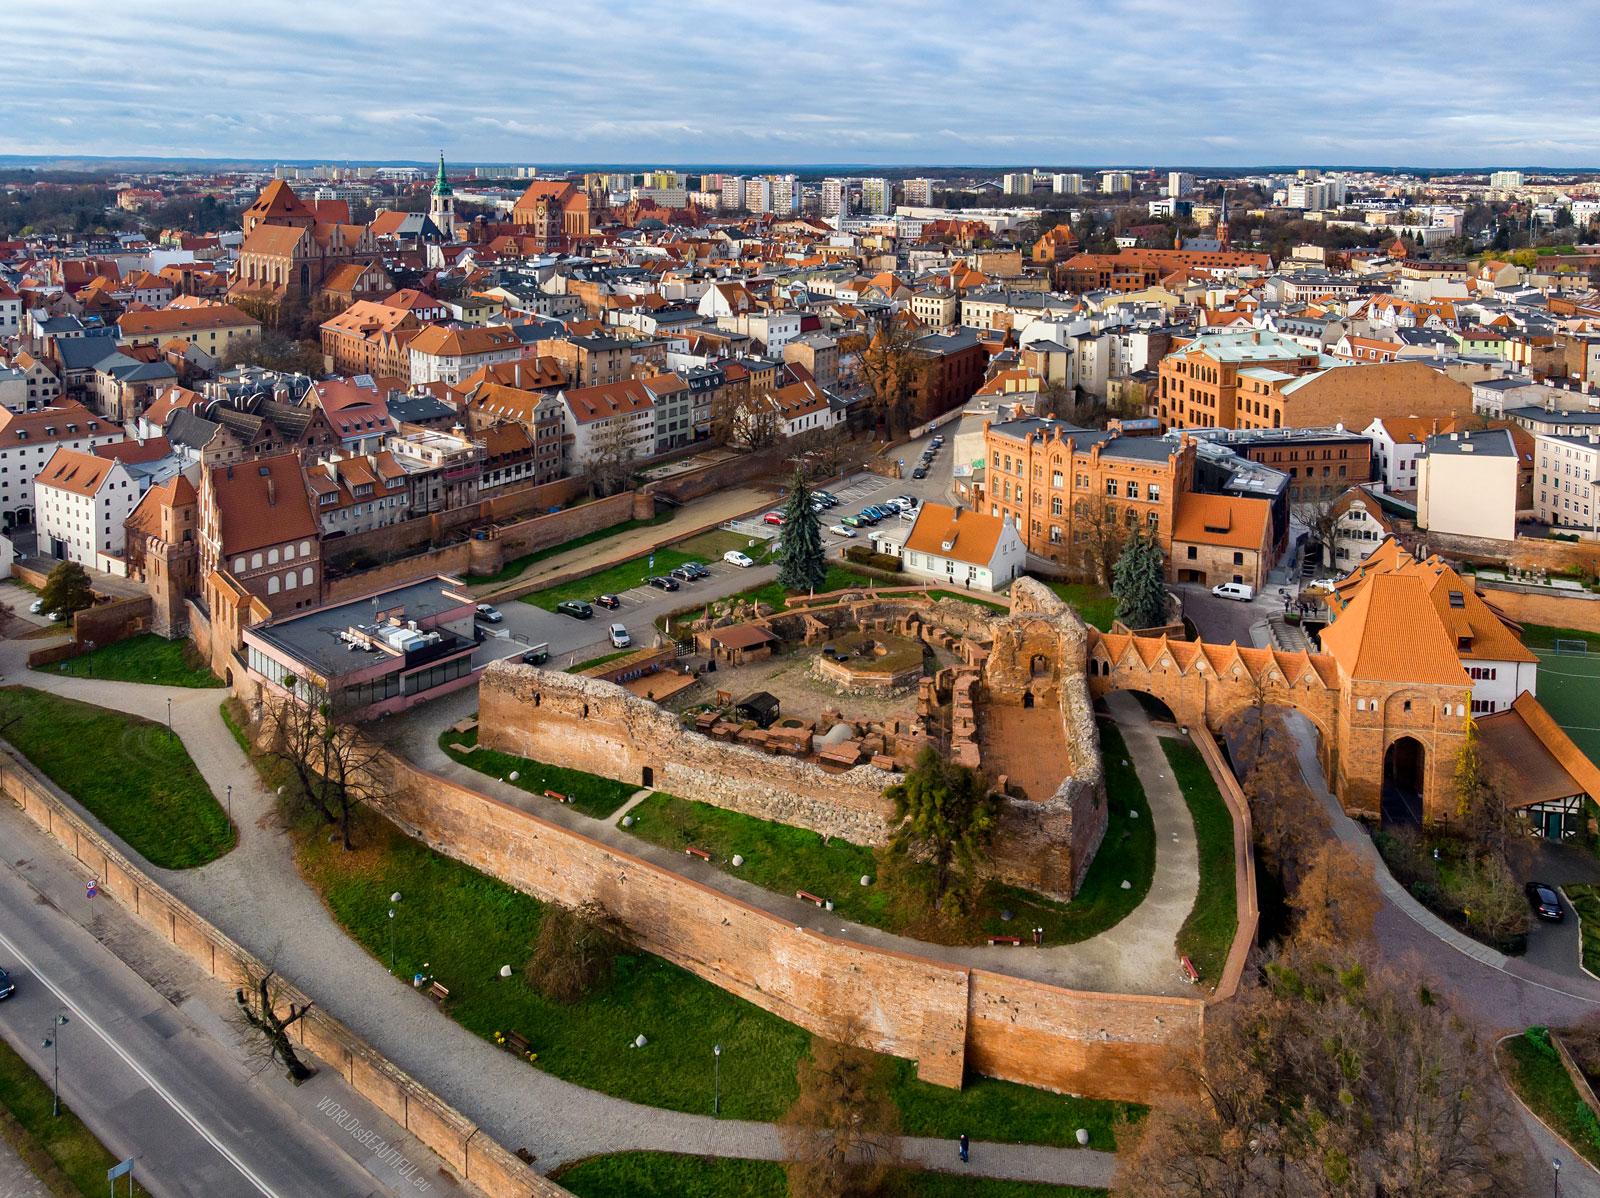 Museums in Toruń